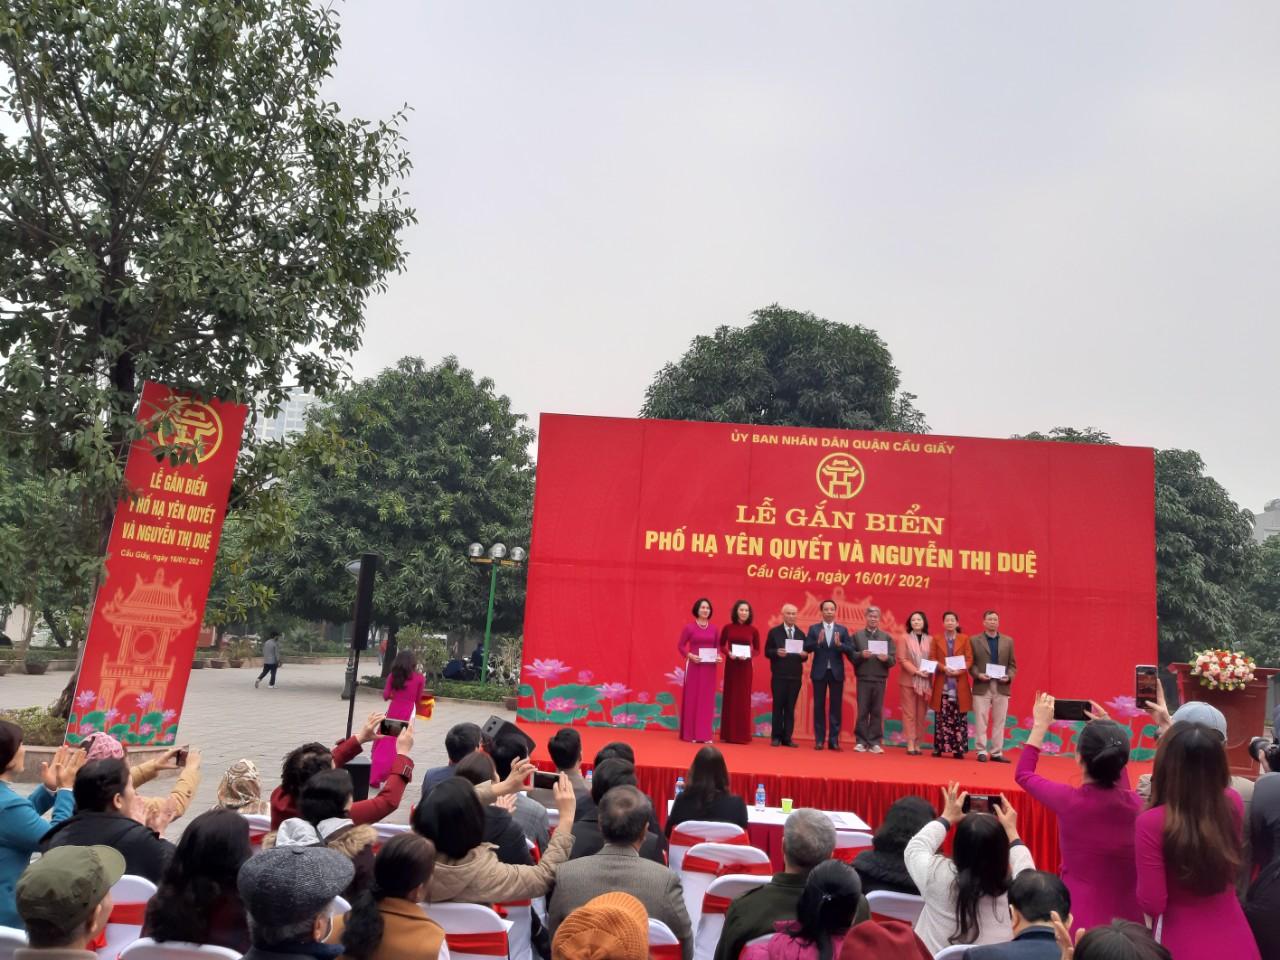 Hà Nội gắn biển tên phố Hạ Yên Quyết và Nguyễn Thị Duệ